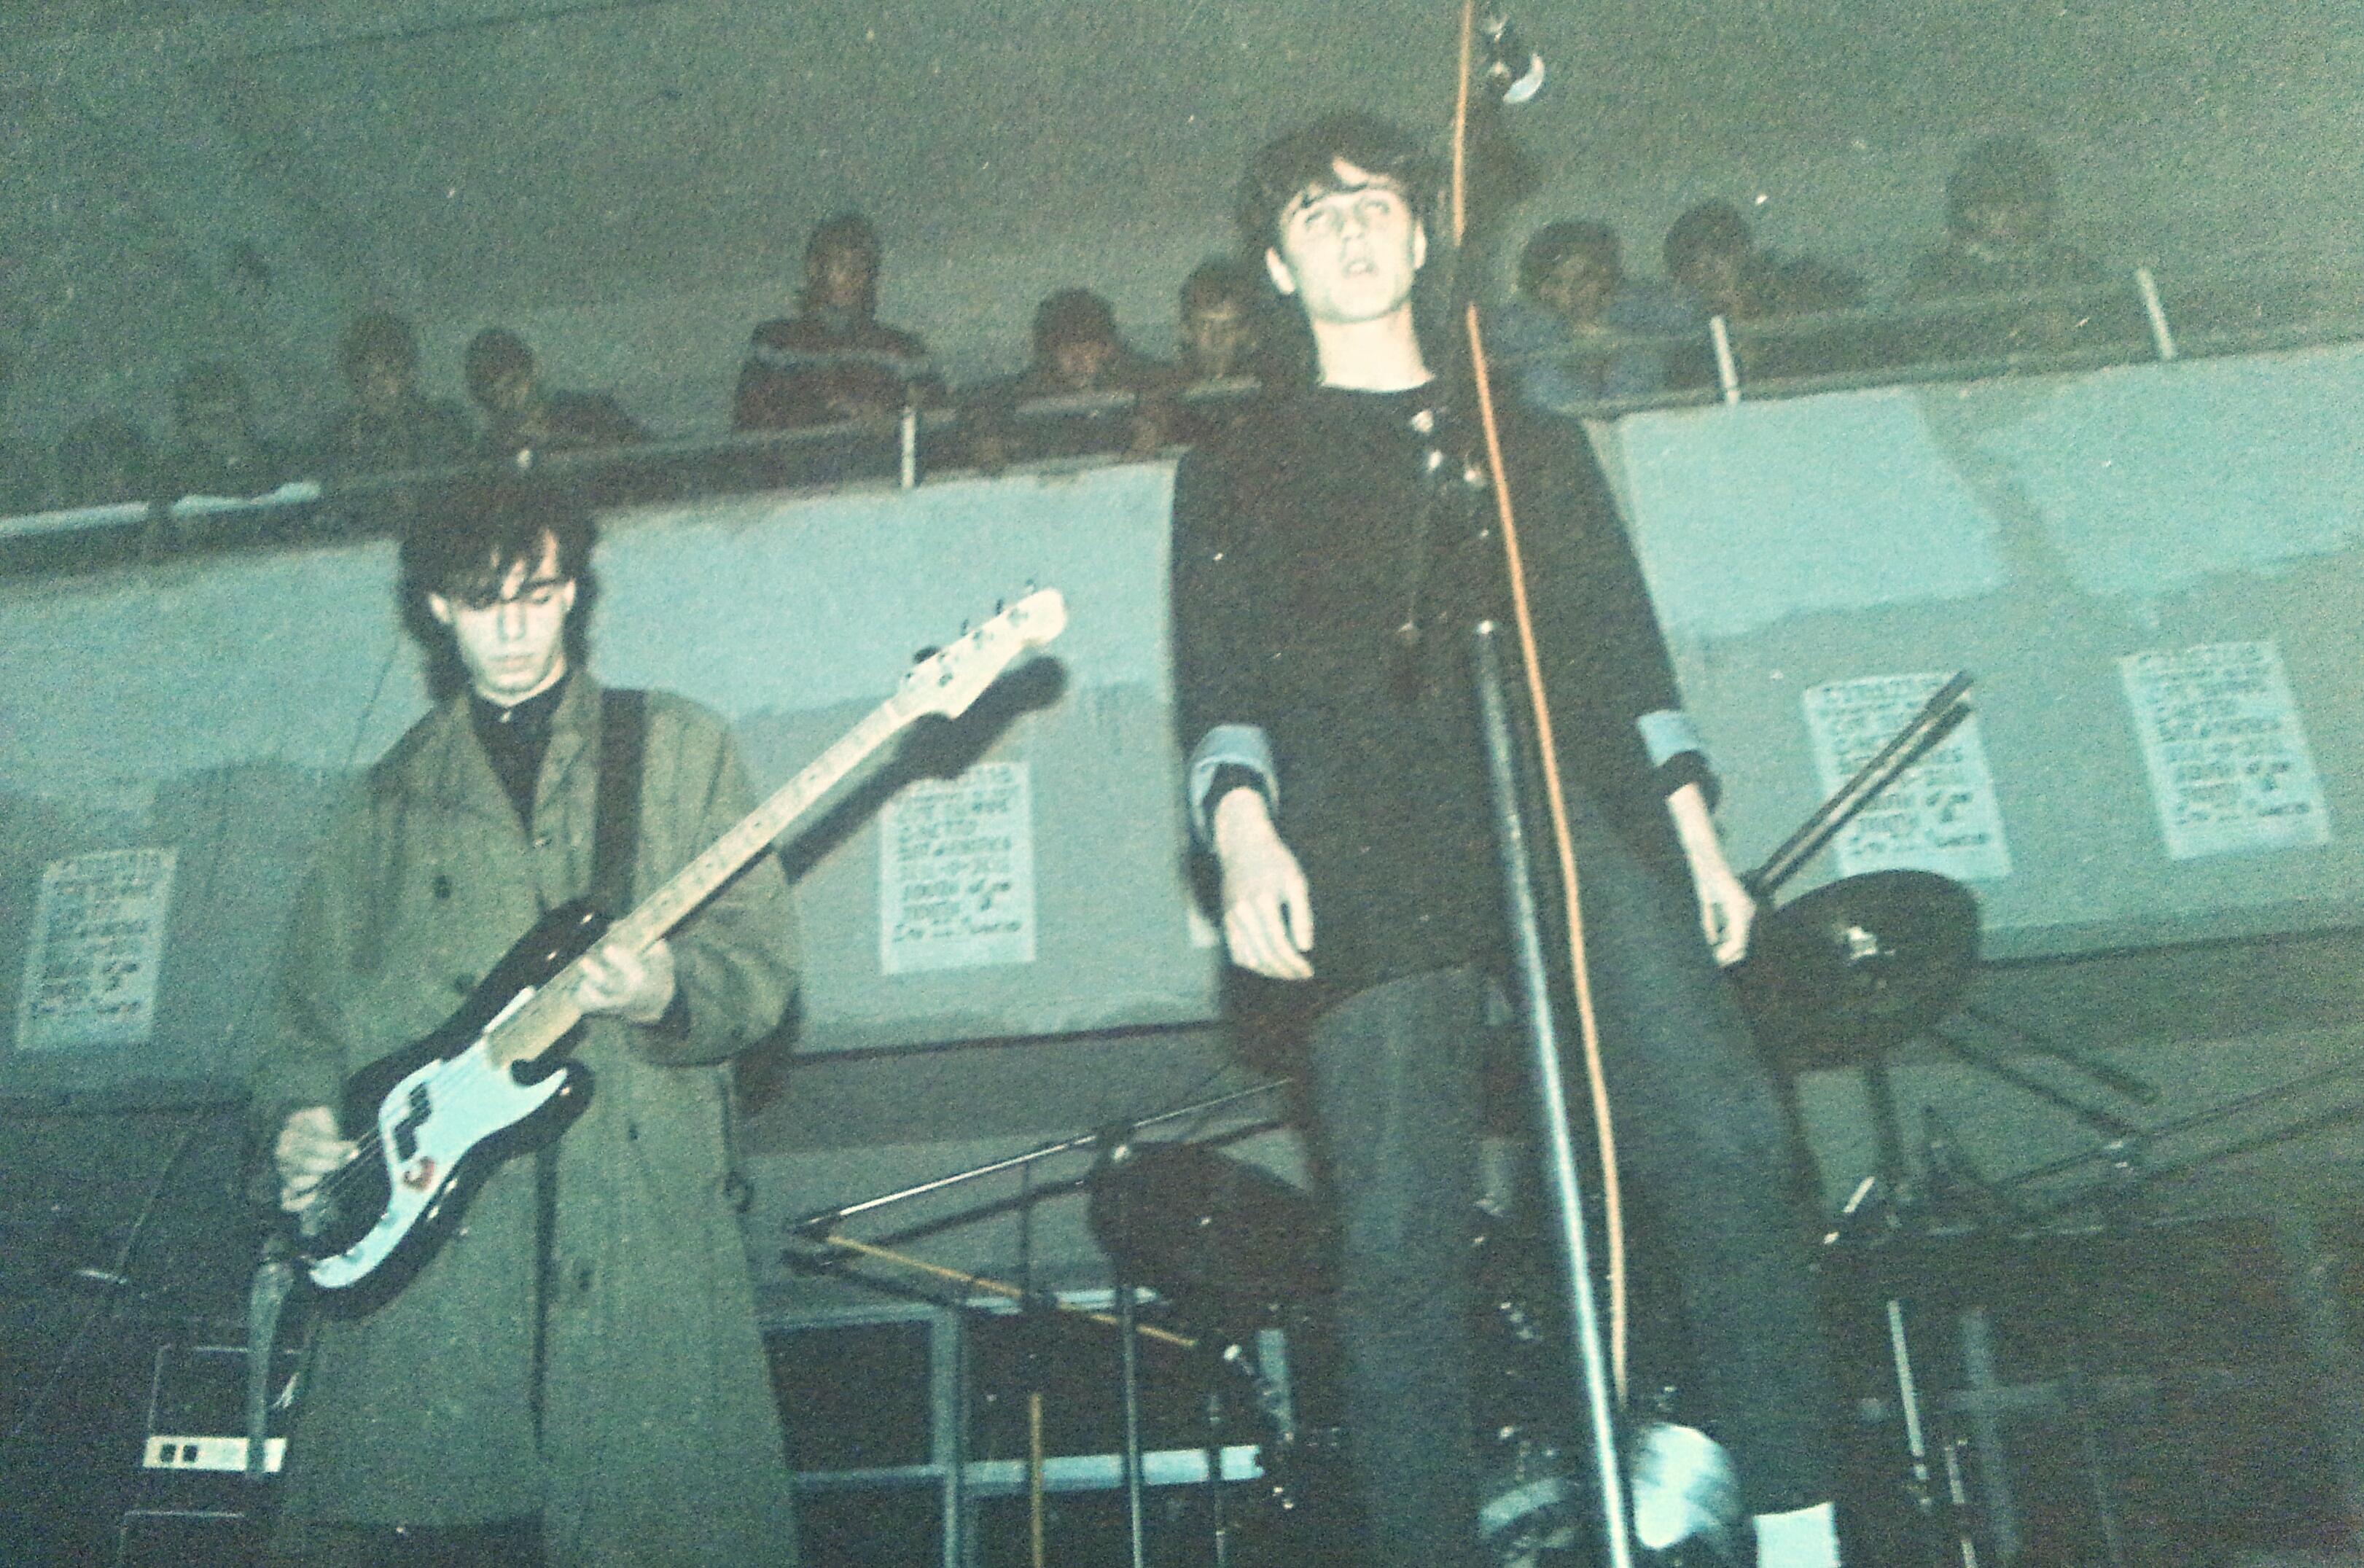 Γκράβα με South of No North, Μάρτης 1984.